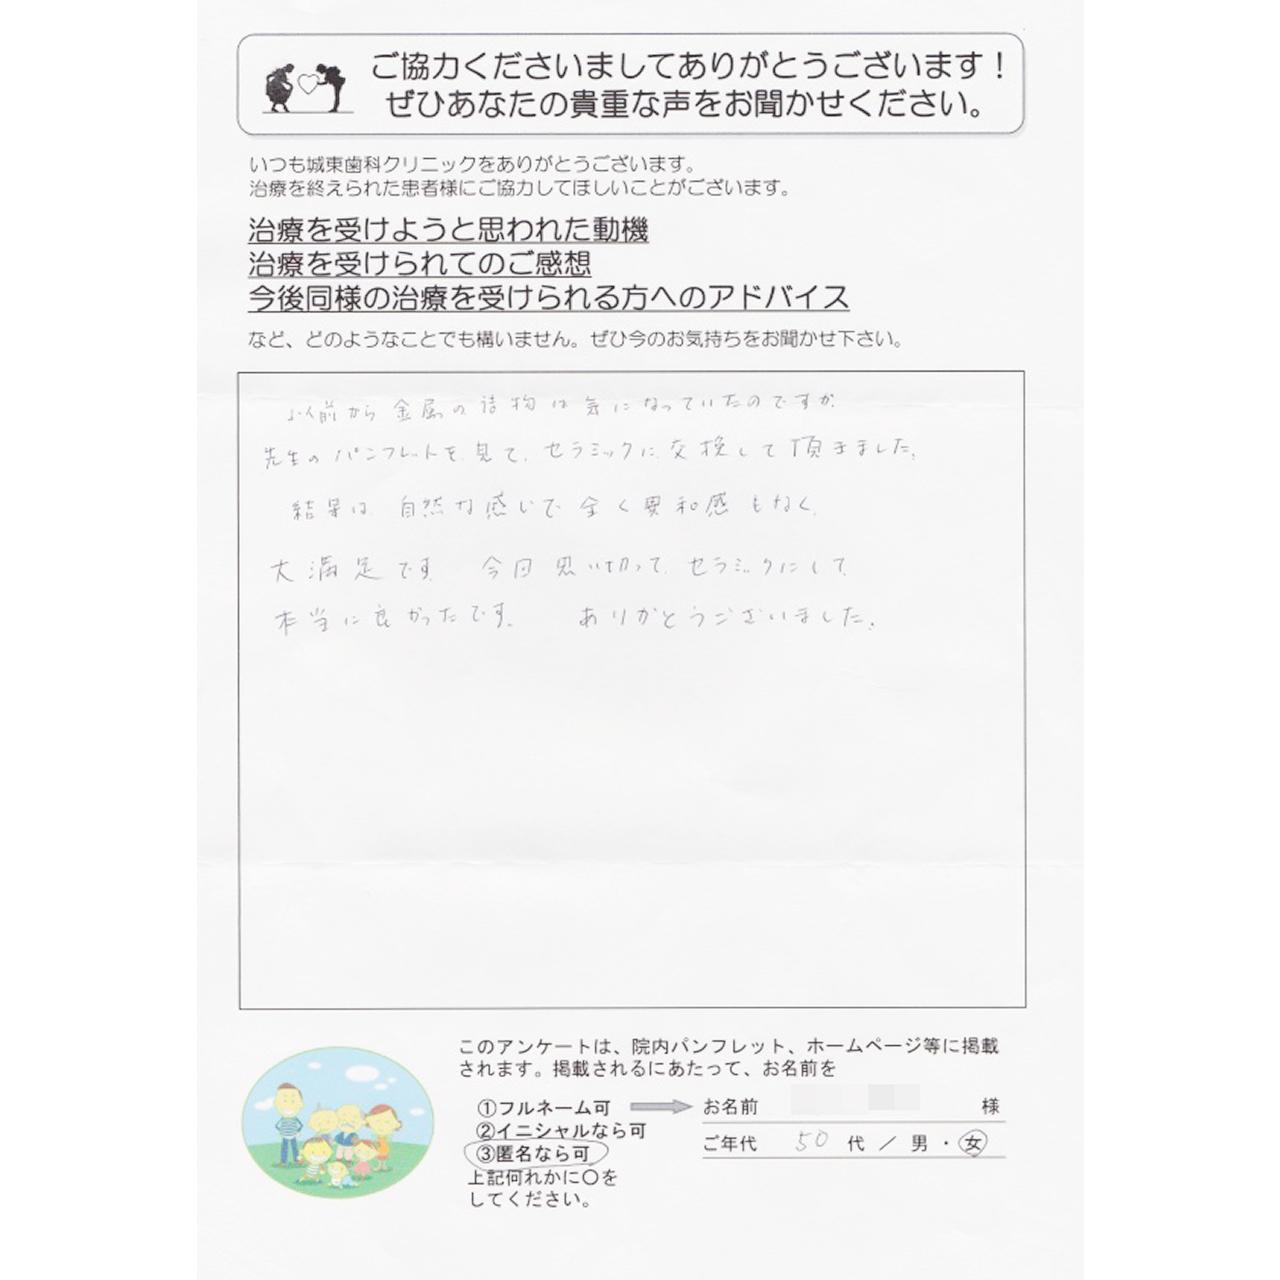 セラミック治療(O.E様・50代女性)